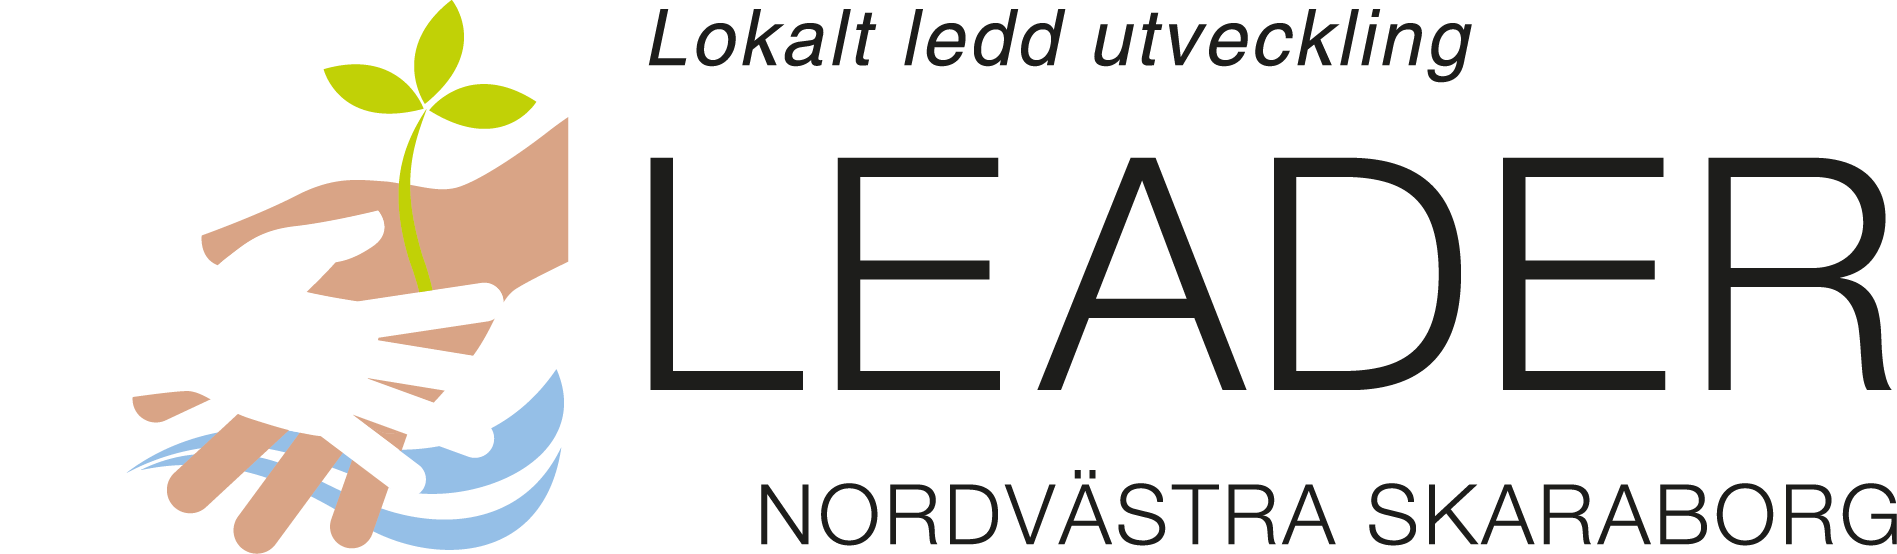 Logo-LEADER_NORDVASTRASKARABORG.png